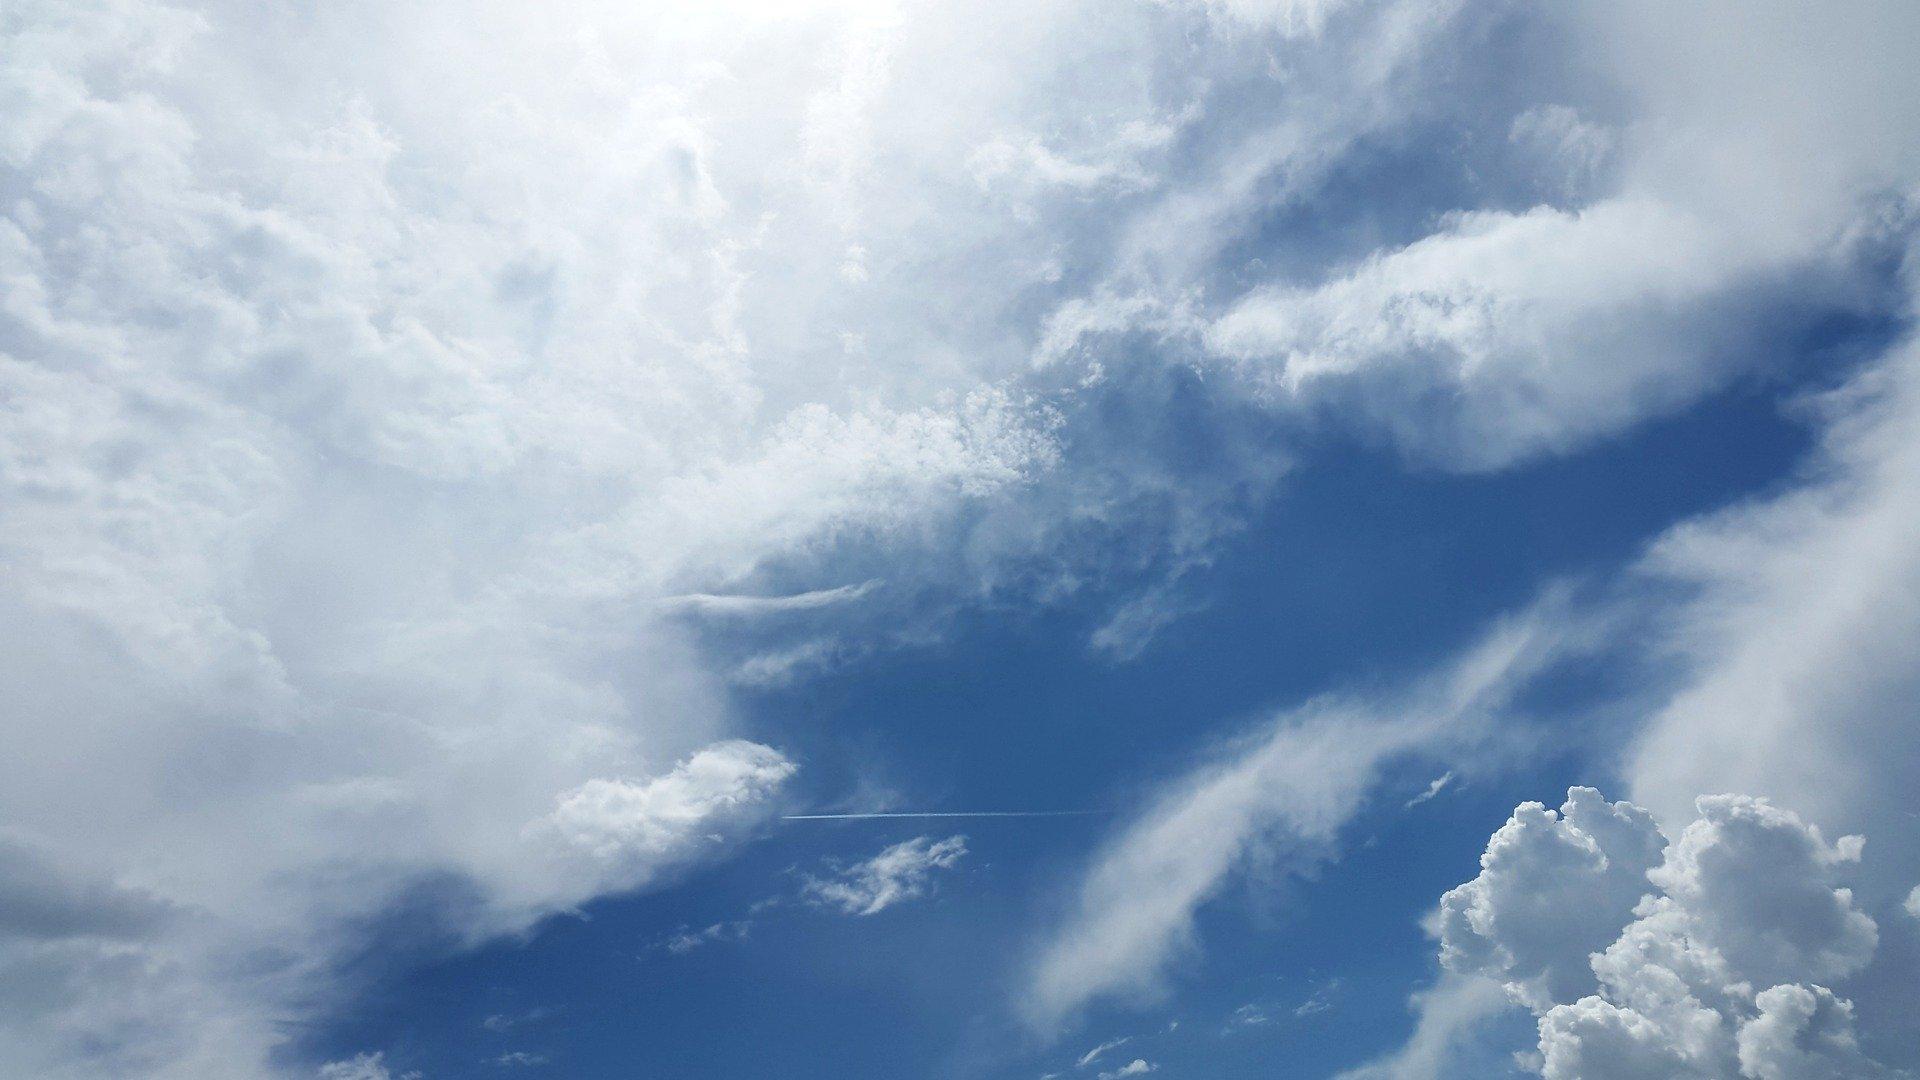 【今日は何の日・2020年】7/22は二十四節気でいう「大暑」| 大暑ってどんな日? まとめ